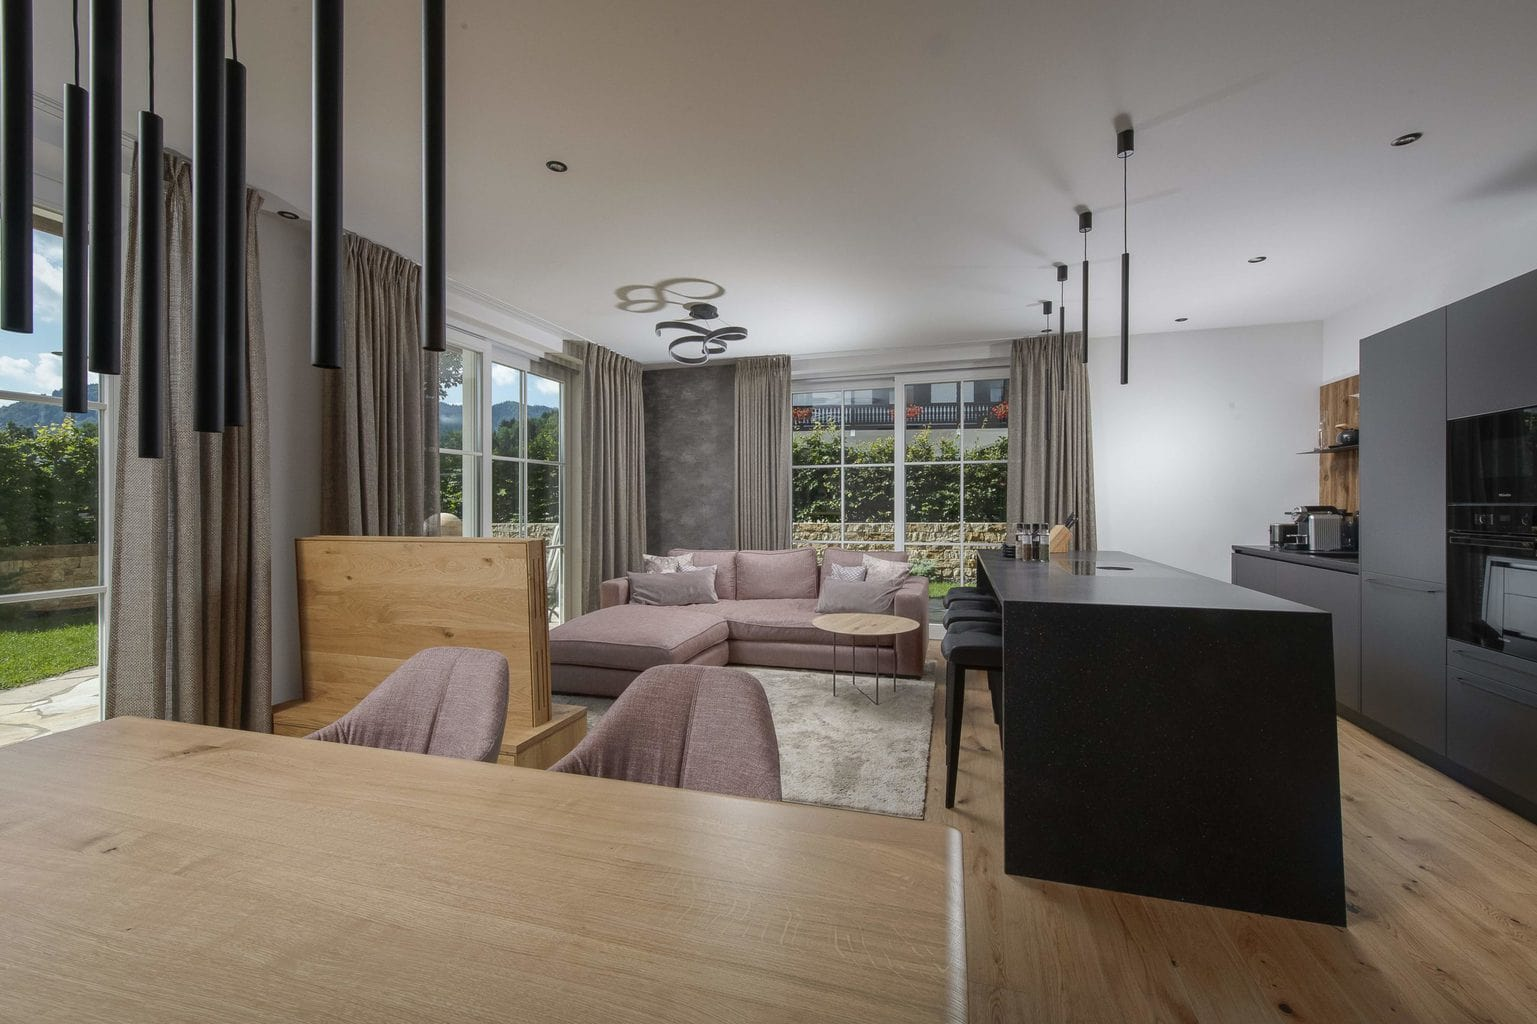 Vakantiepark R6 aan de Tegernsee in Beieren met luxe huiskamer